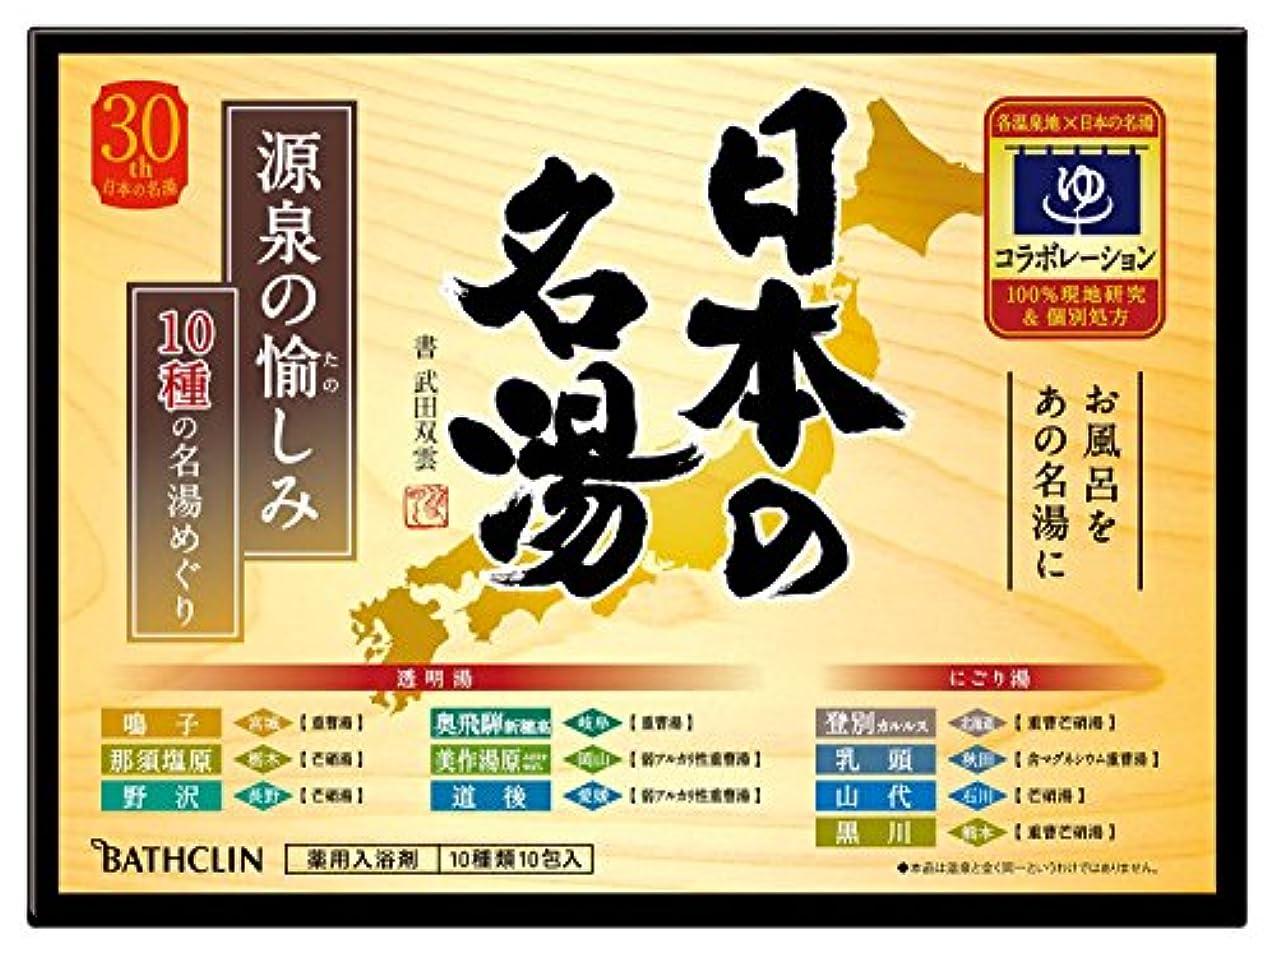 コンパニオン子レモン【医薬部外品】日本の名湯入浴剤 源泉の愉しみ 30g ×10包 個包装 詰め合わせ 温泉タイプ